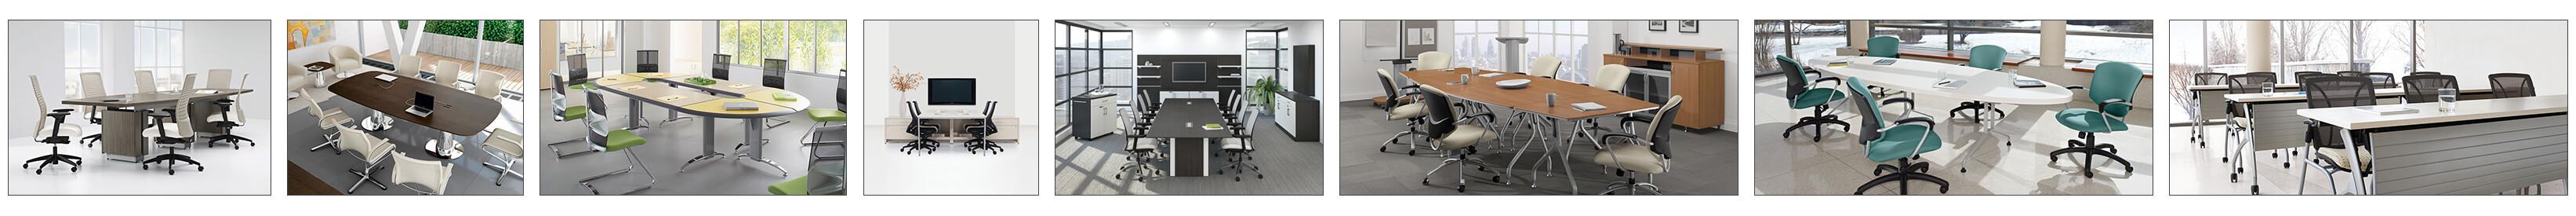 Salles de conférence, mobilier de bureaux